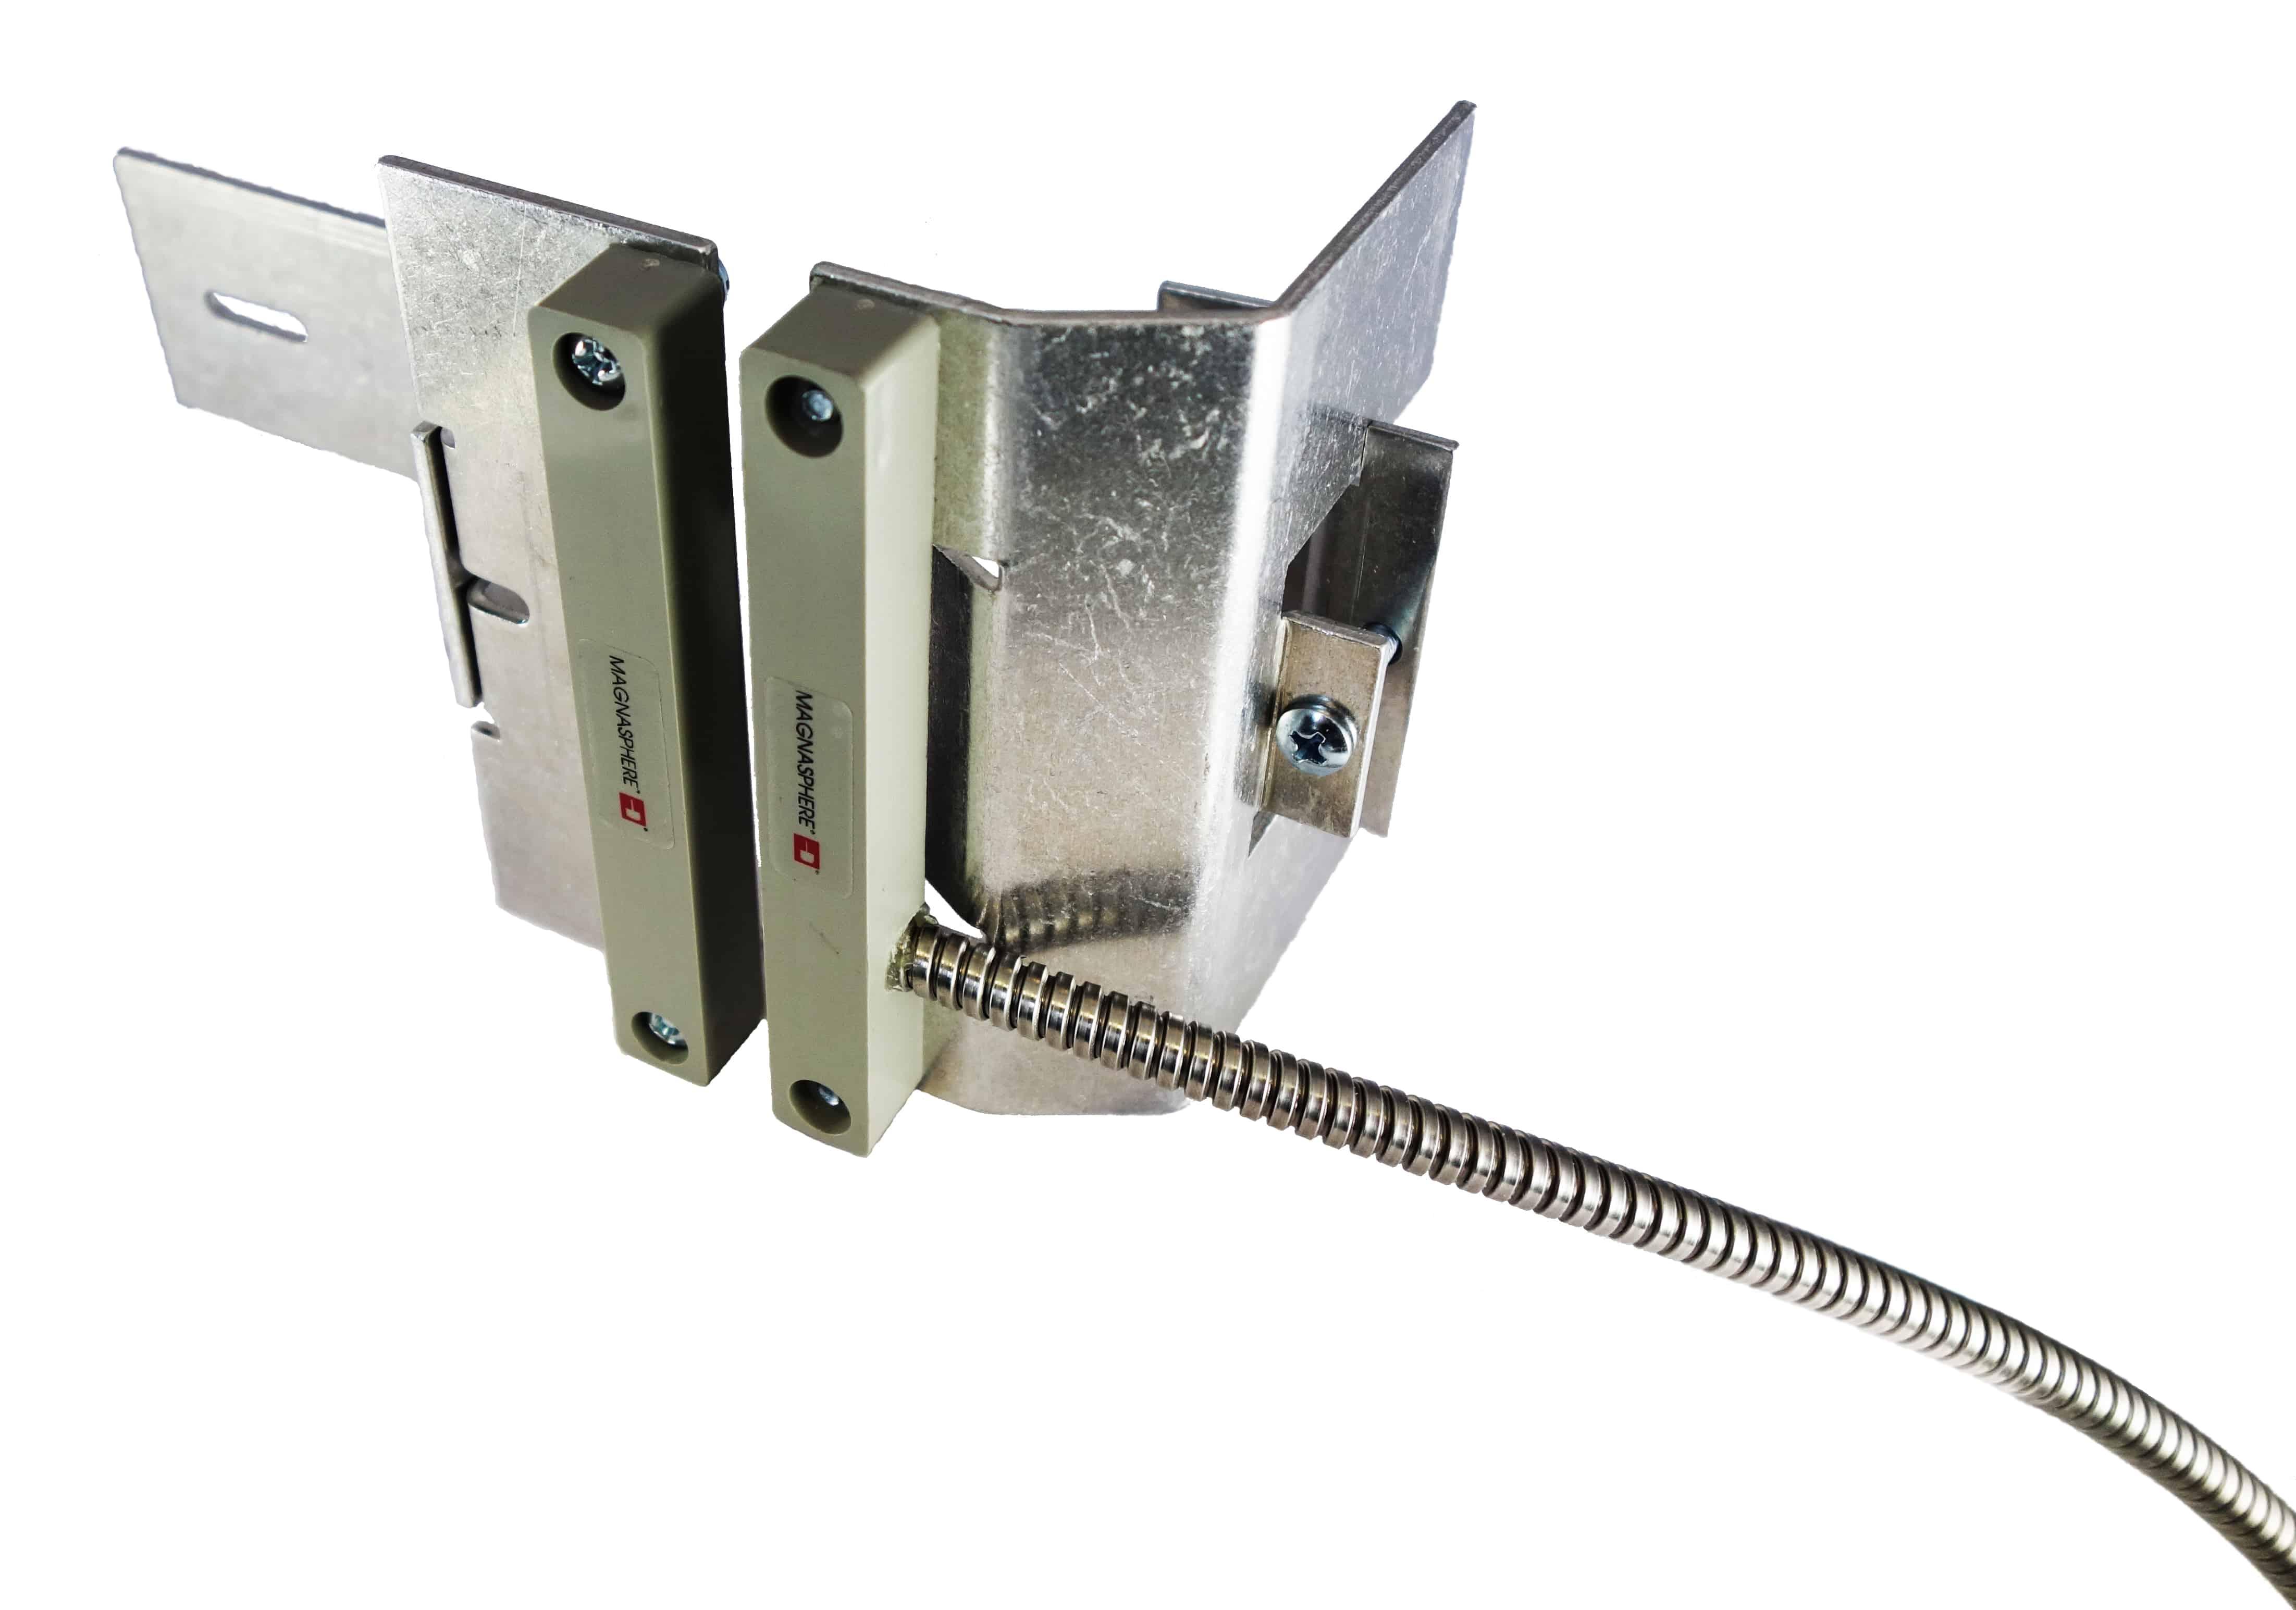 4 0 102mm Overhead Door Contact Magnasphere